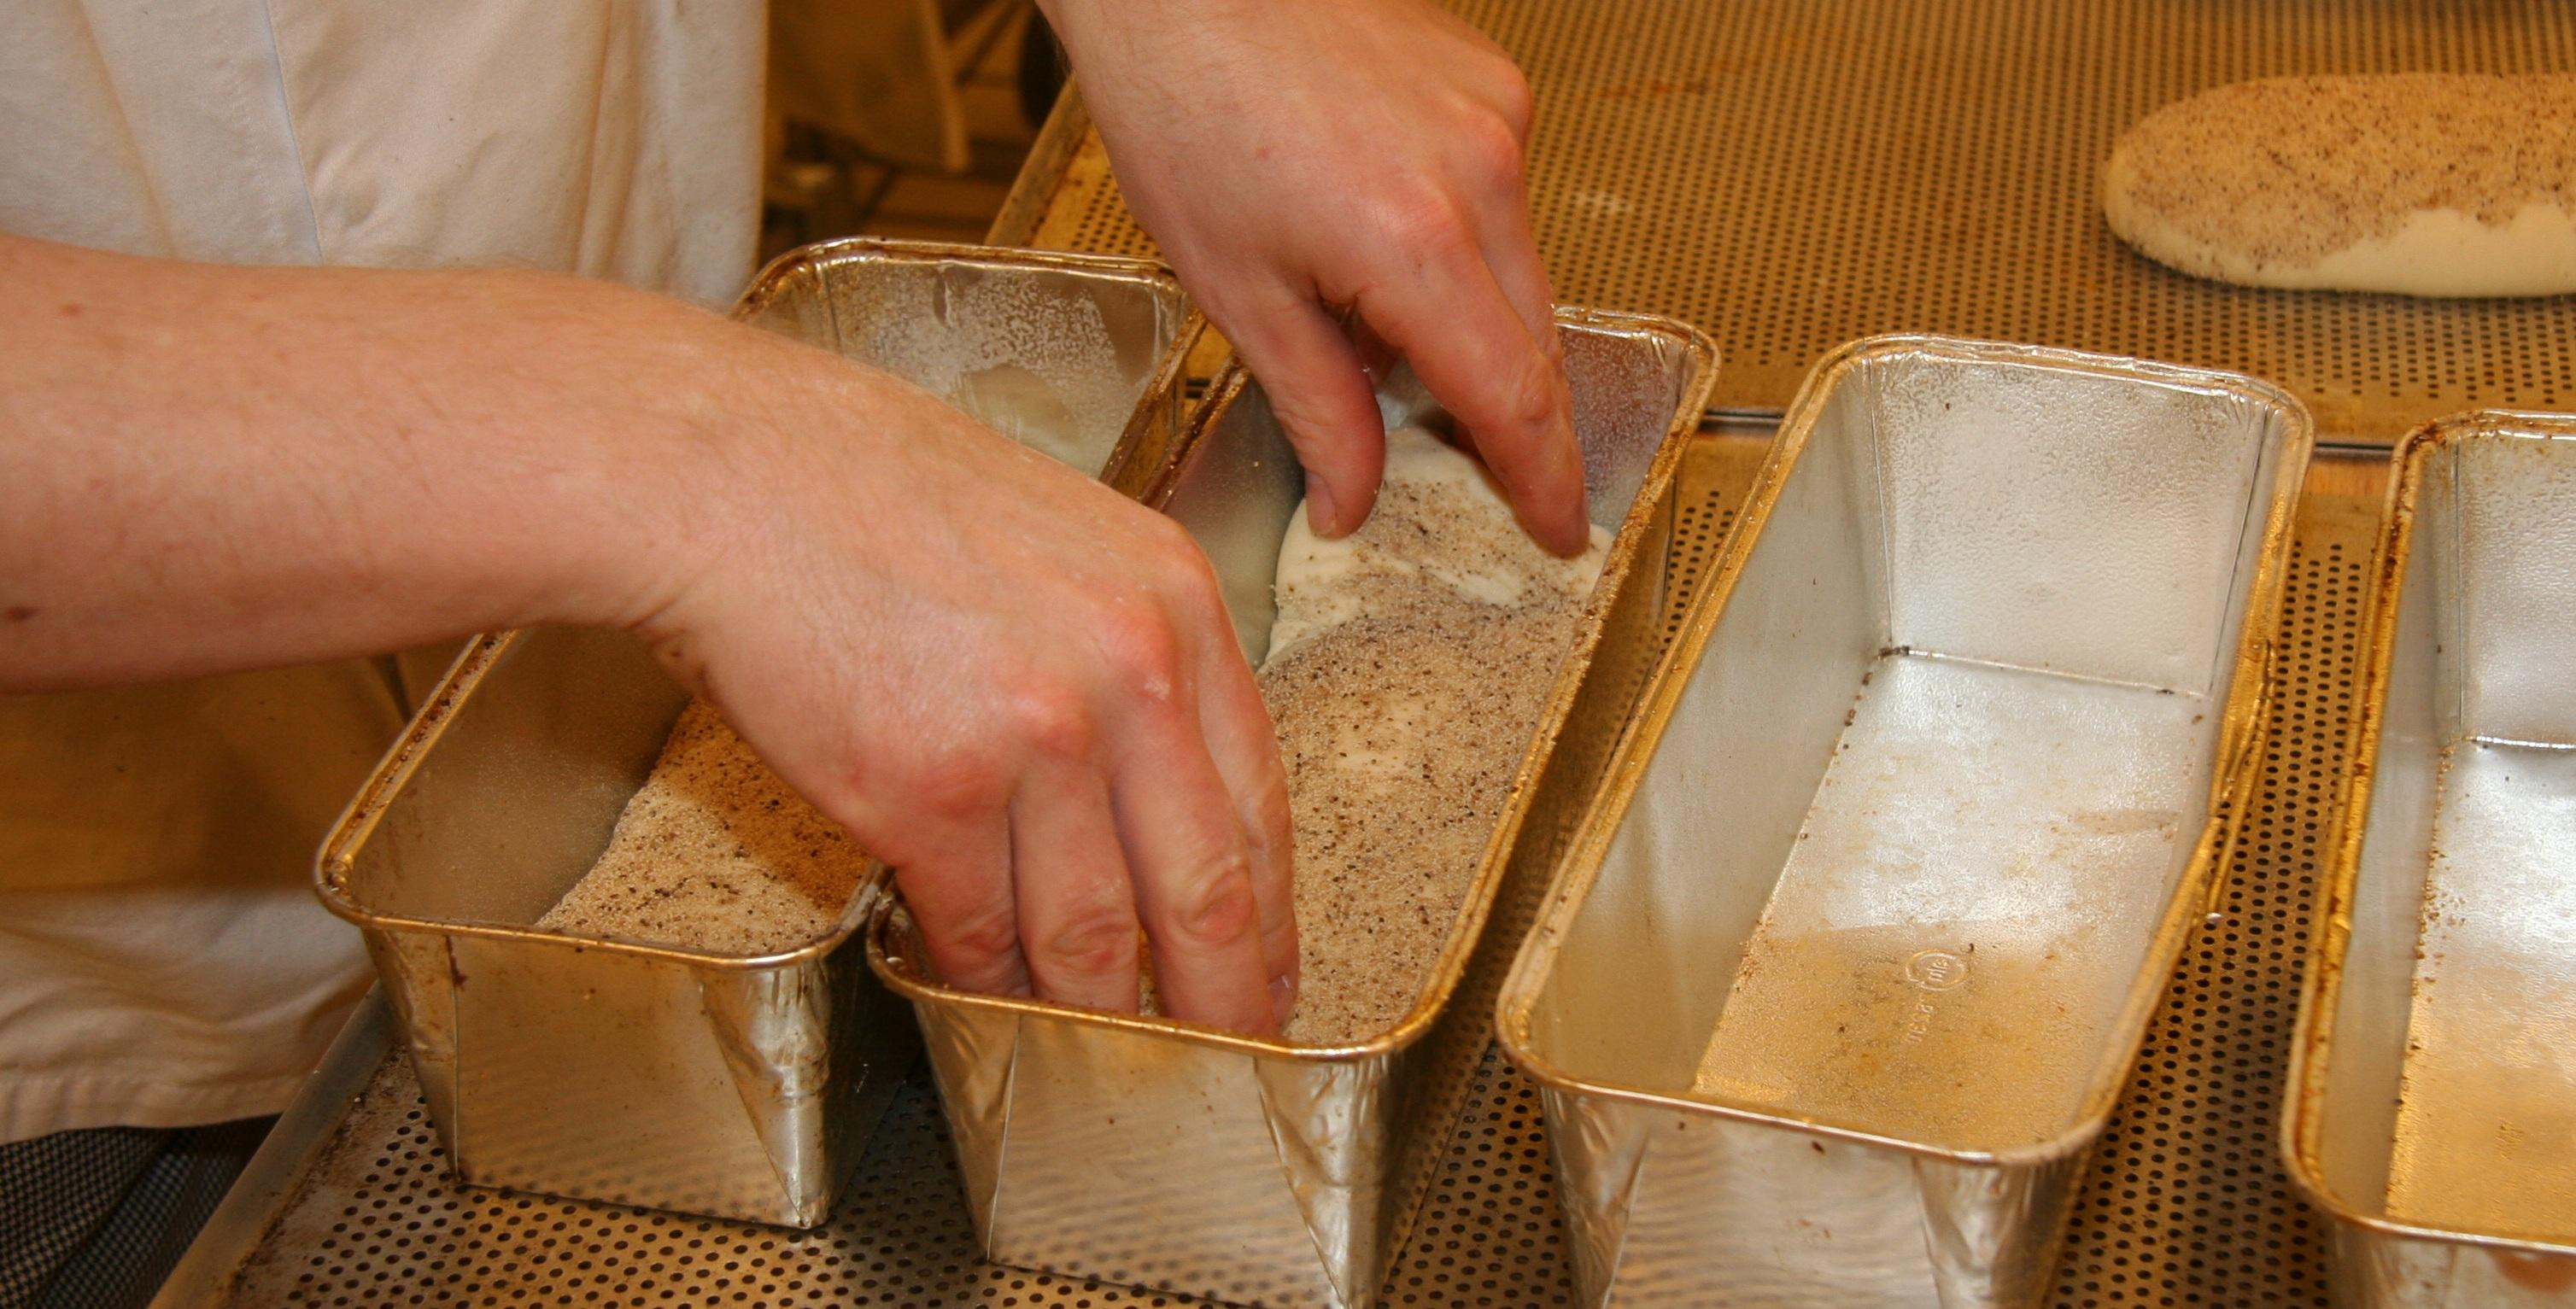 Images Gratuites : bois, jambe, aliments, artisanat, cuisson, pain ...